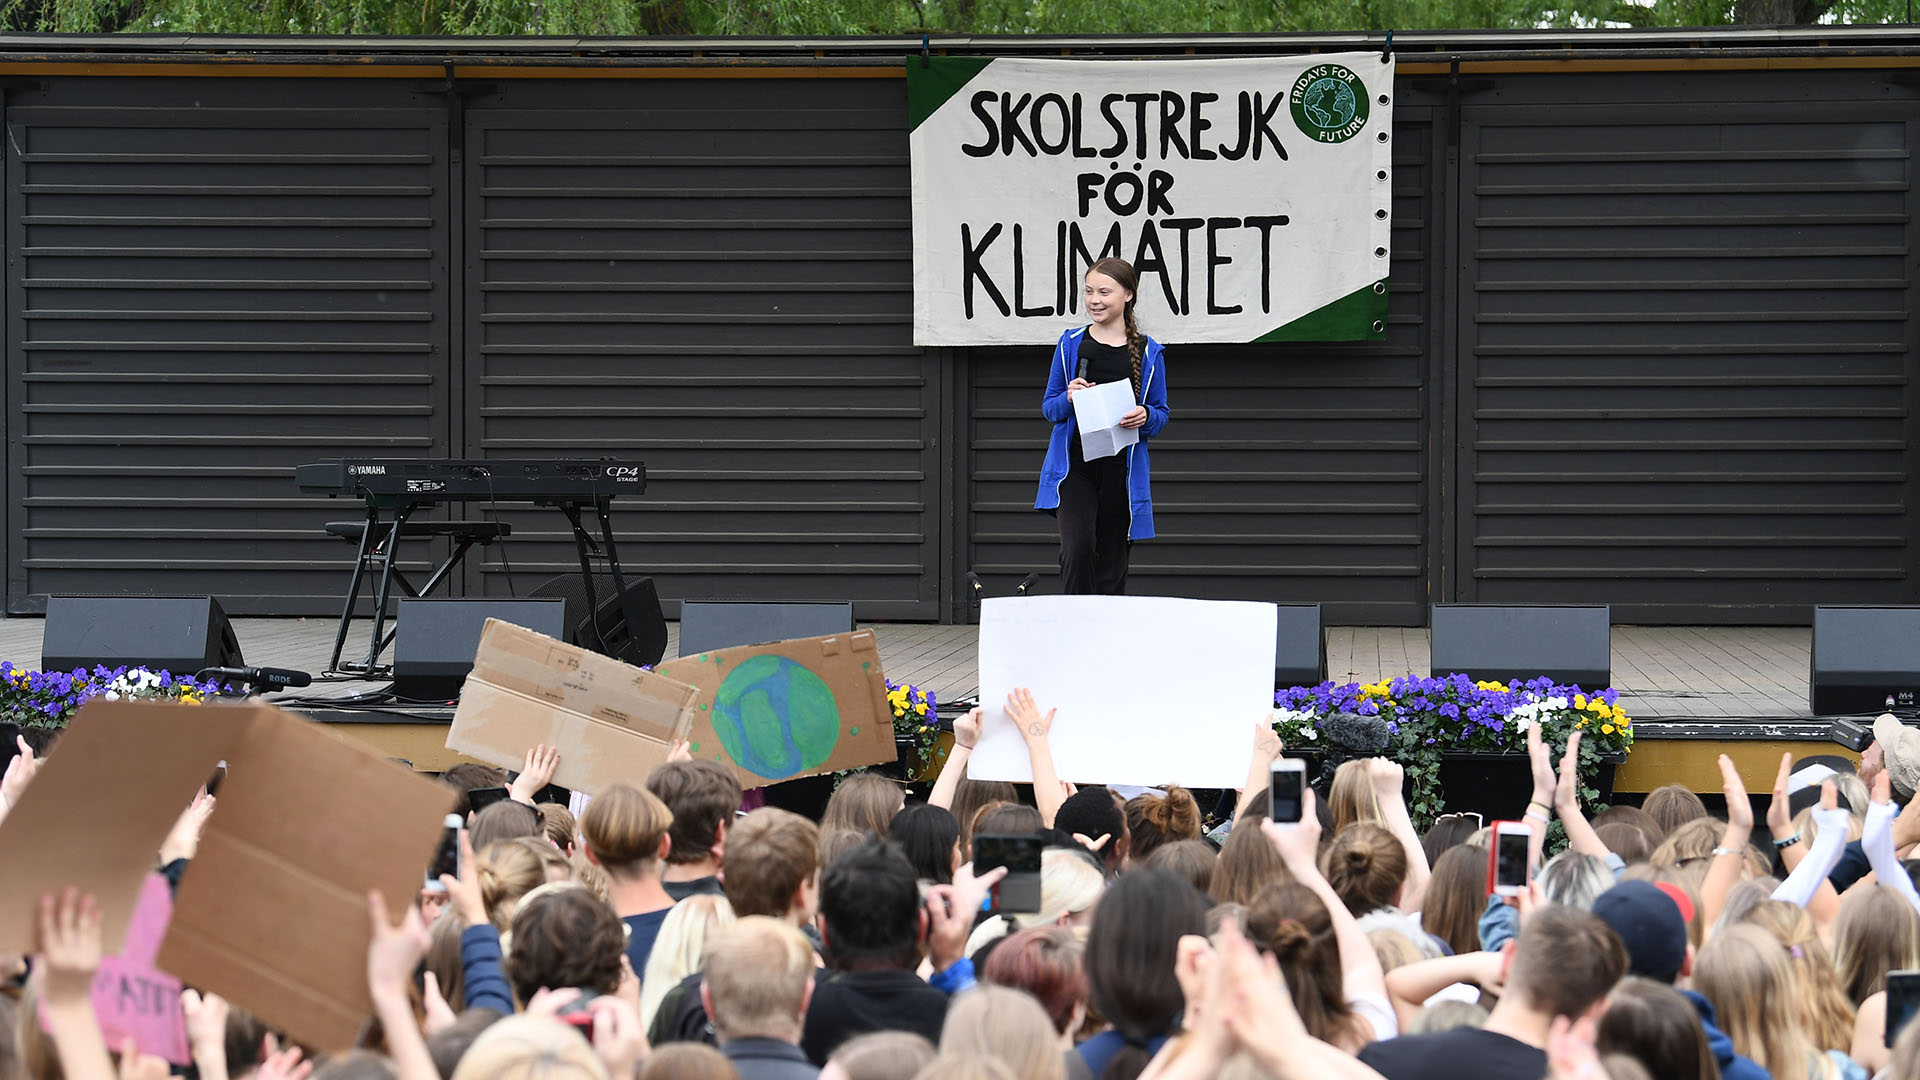 """Greta Thunberg, la activista sueca del clima de 16 años de edad, pronuncia un discurso durante el movimiento """"Huelga mundial por el futuro"""" en un día mundial de protestas estudiantiles con el objetivo de incitar a los líderes mundiales a actuar sobre el cambio climático el 24 de mayo de 2019 en Estocolmo, Suecia. (AFP)"""